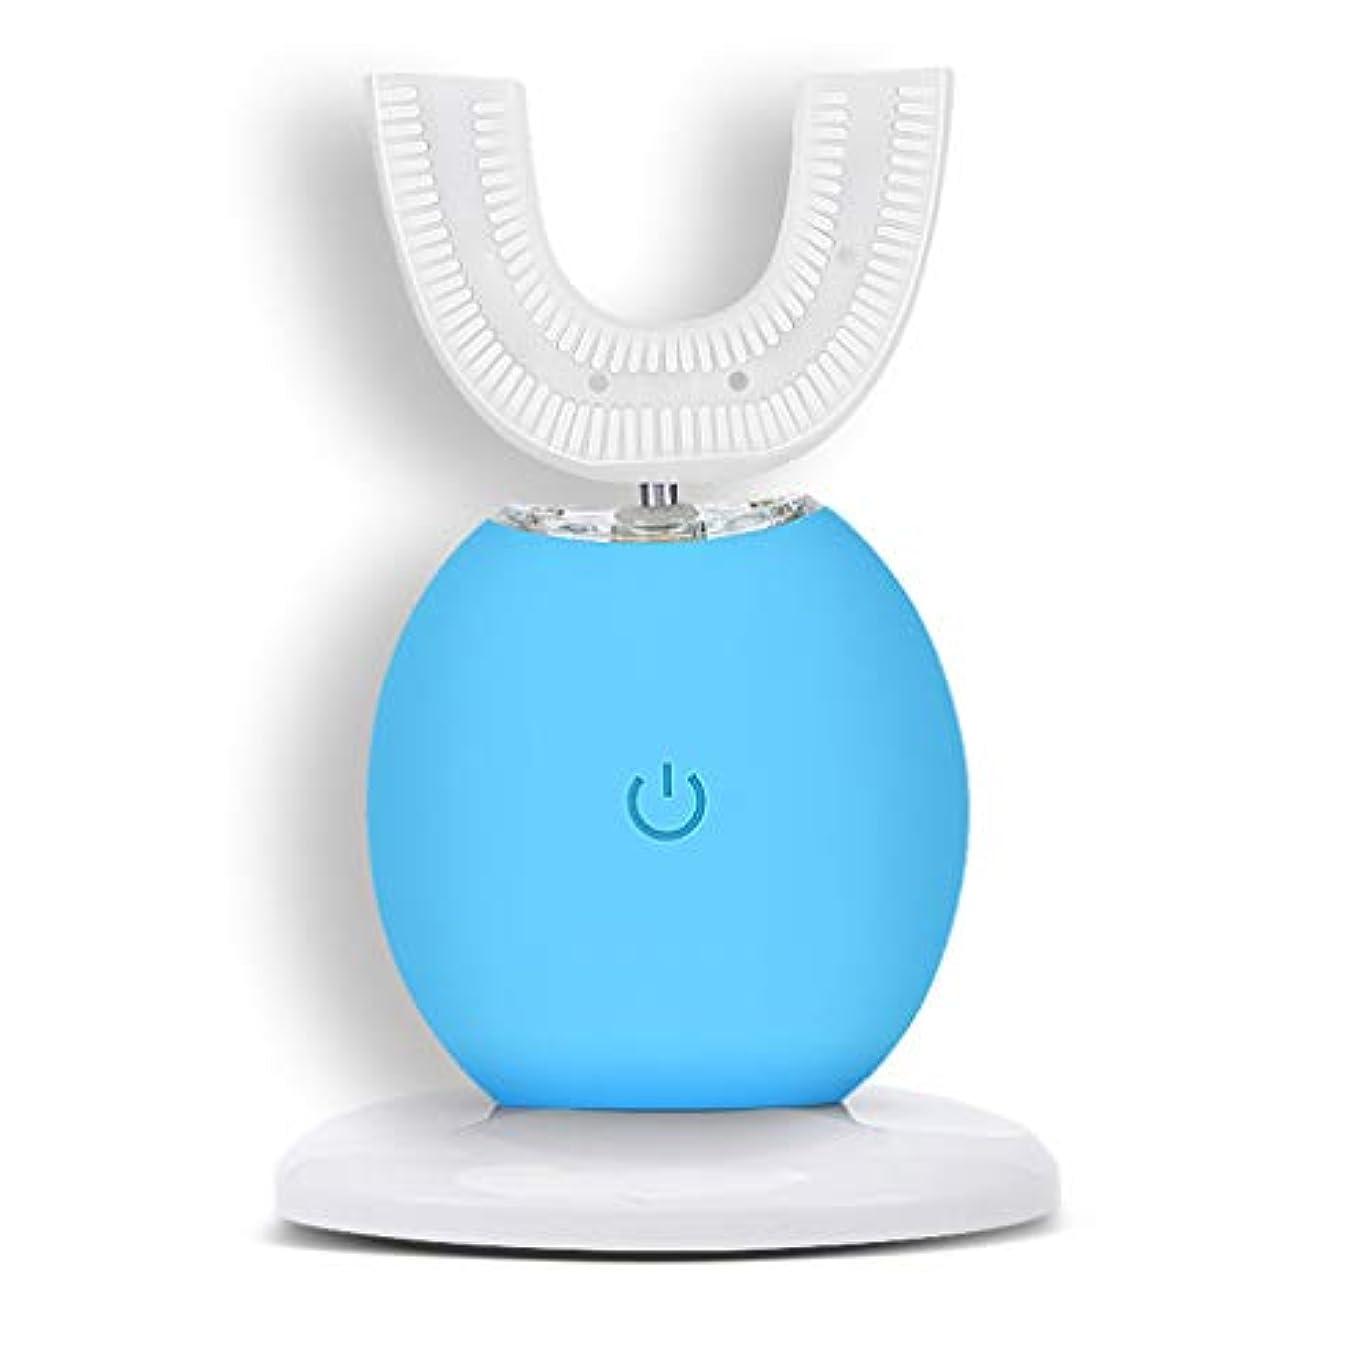 集まる生活天自動電動歯ブラシインテリジェント超音波ホワイトニング防水カップルブレース怠惰なブラッシングアーティファクト (色 : 青)